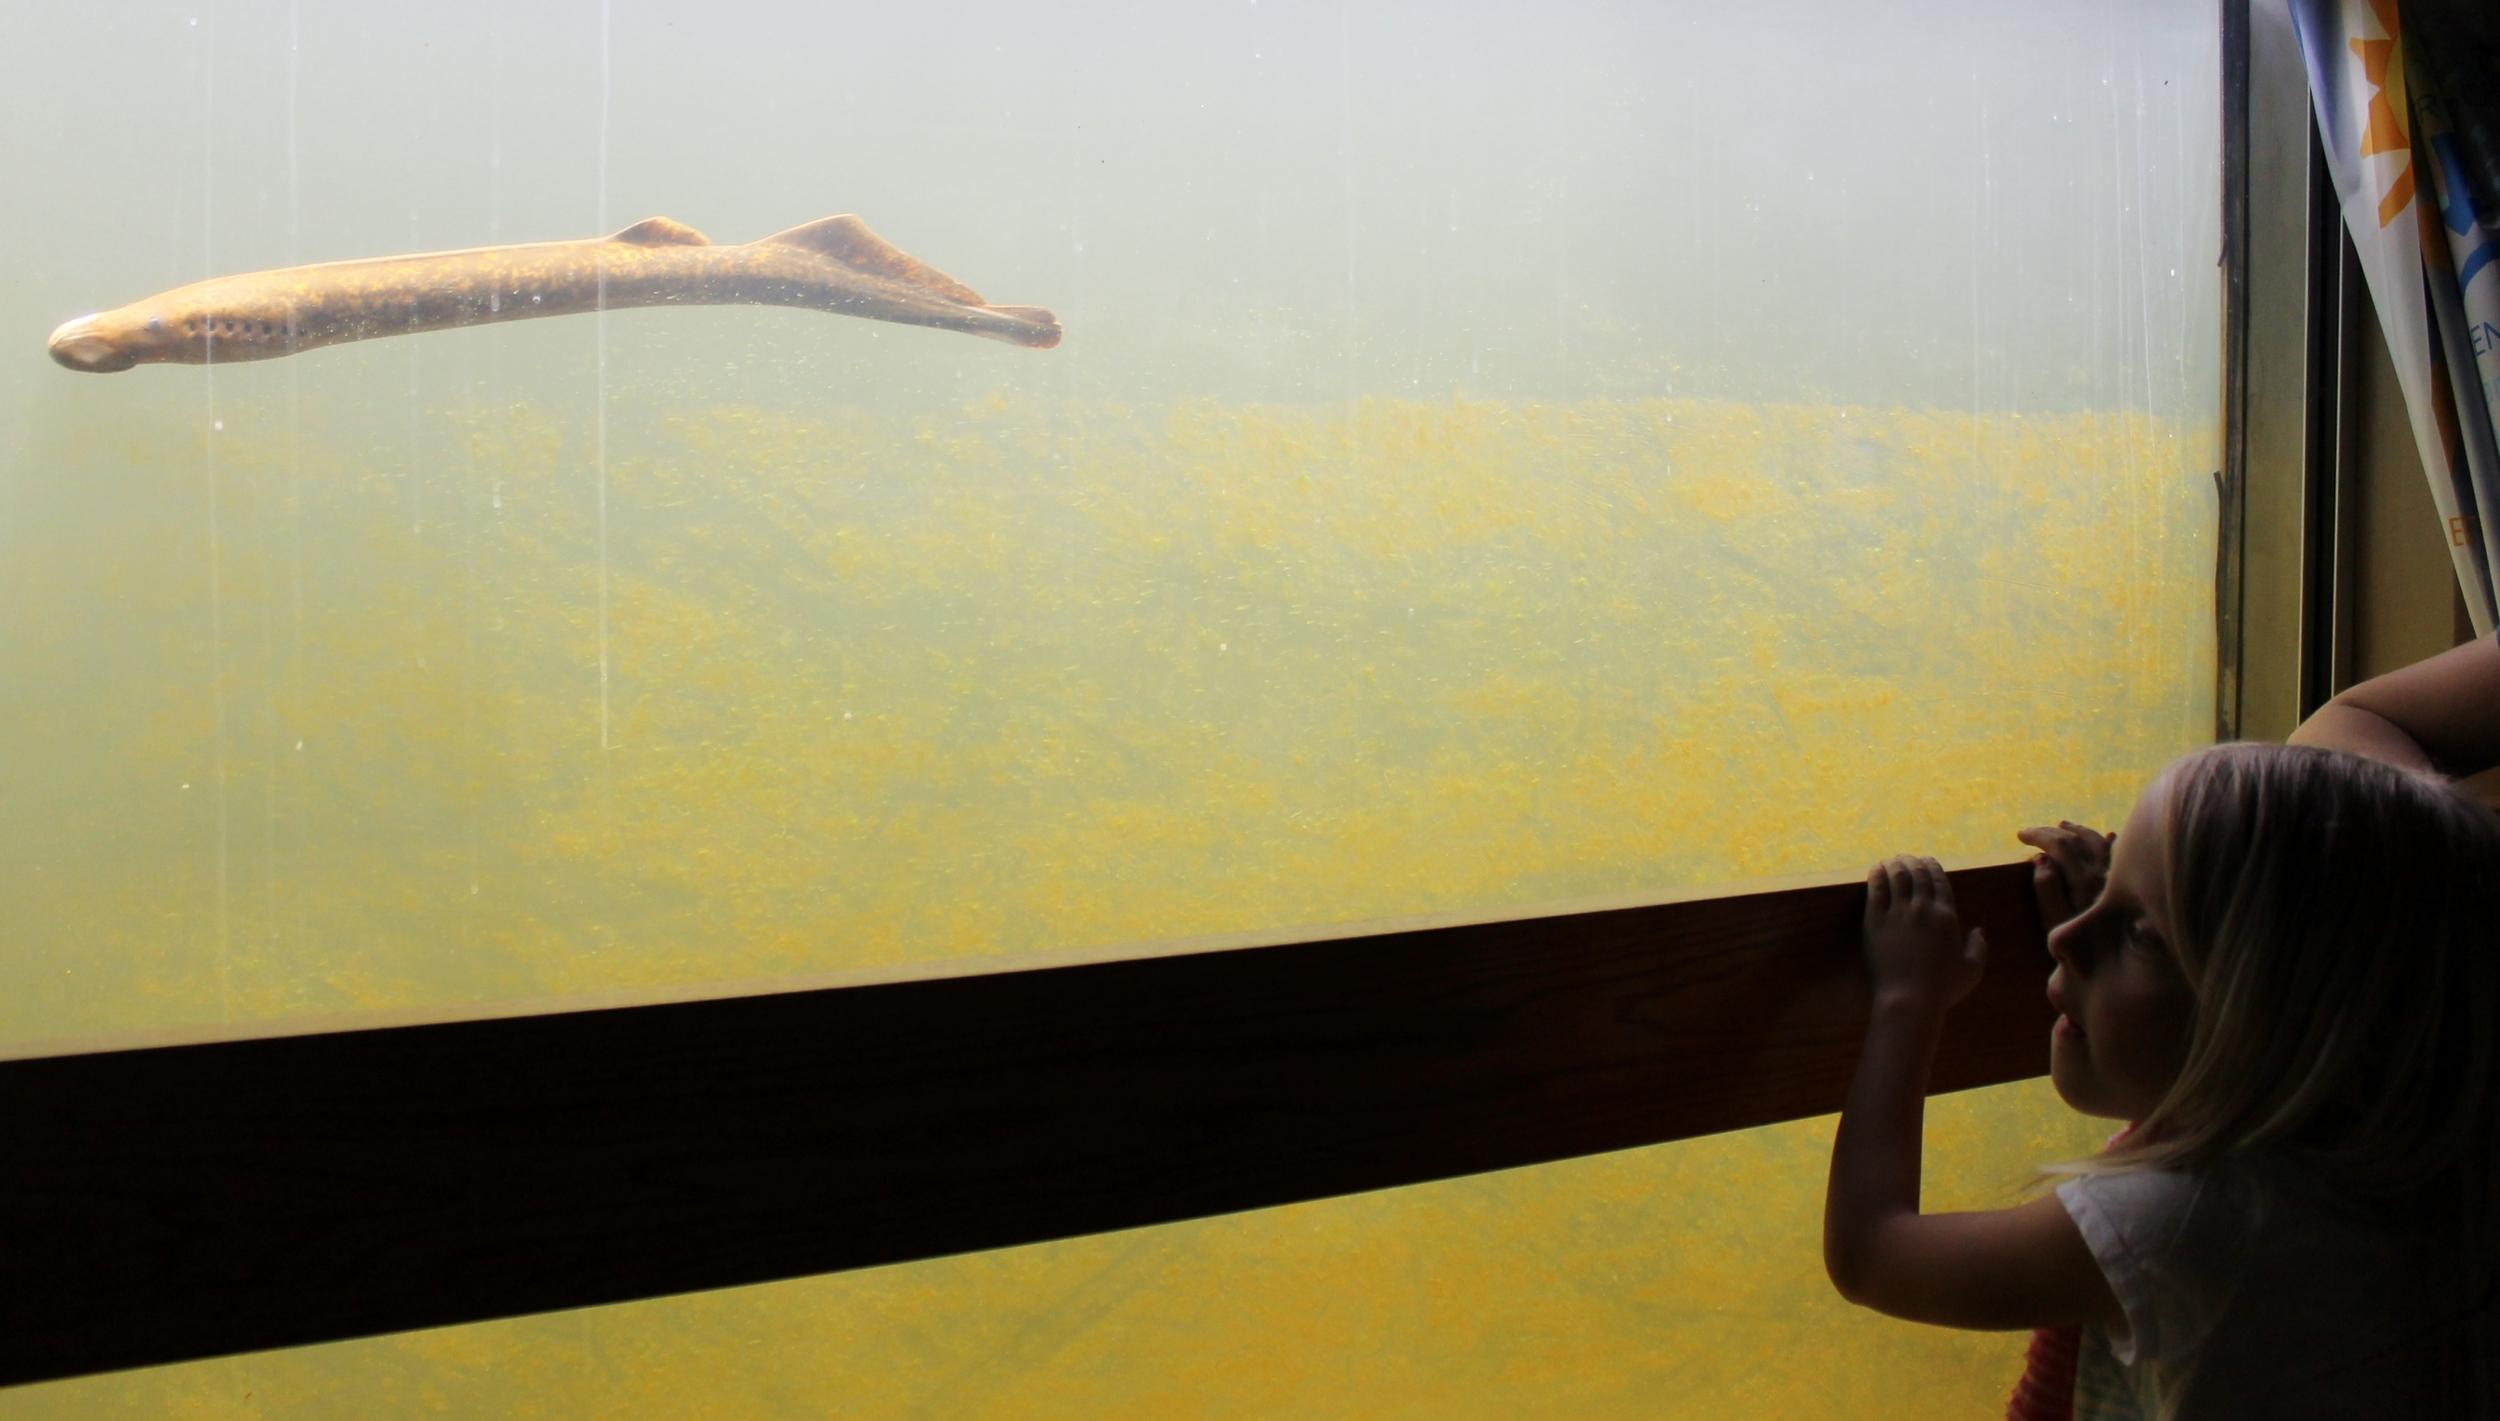 sea lampry swims.JPG